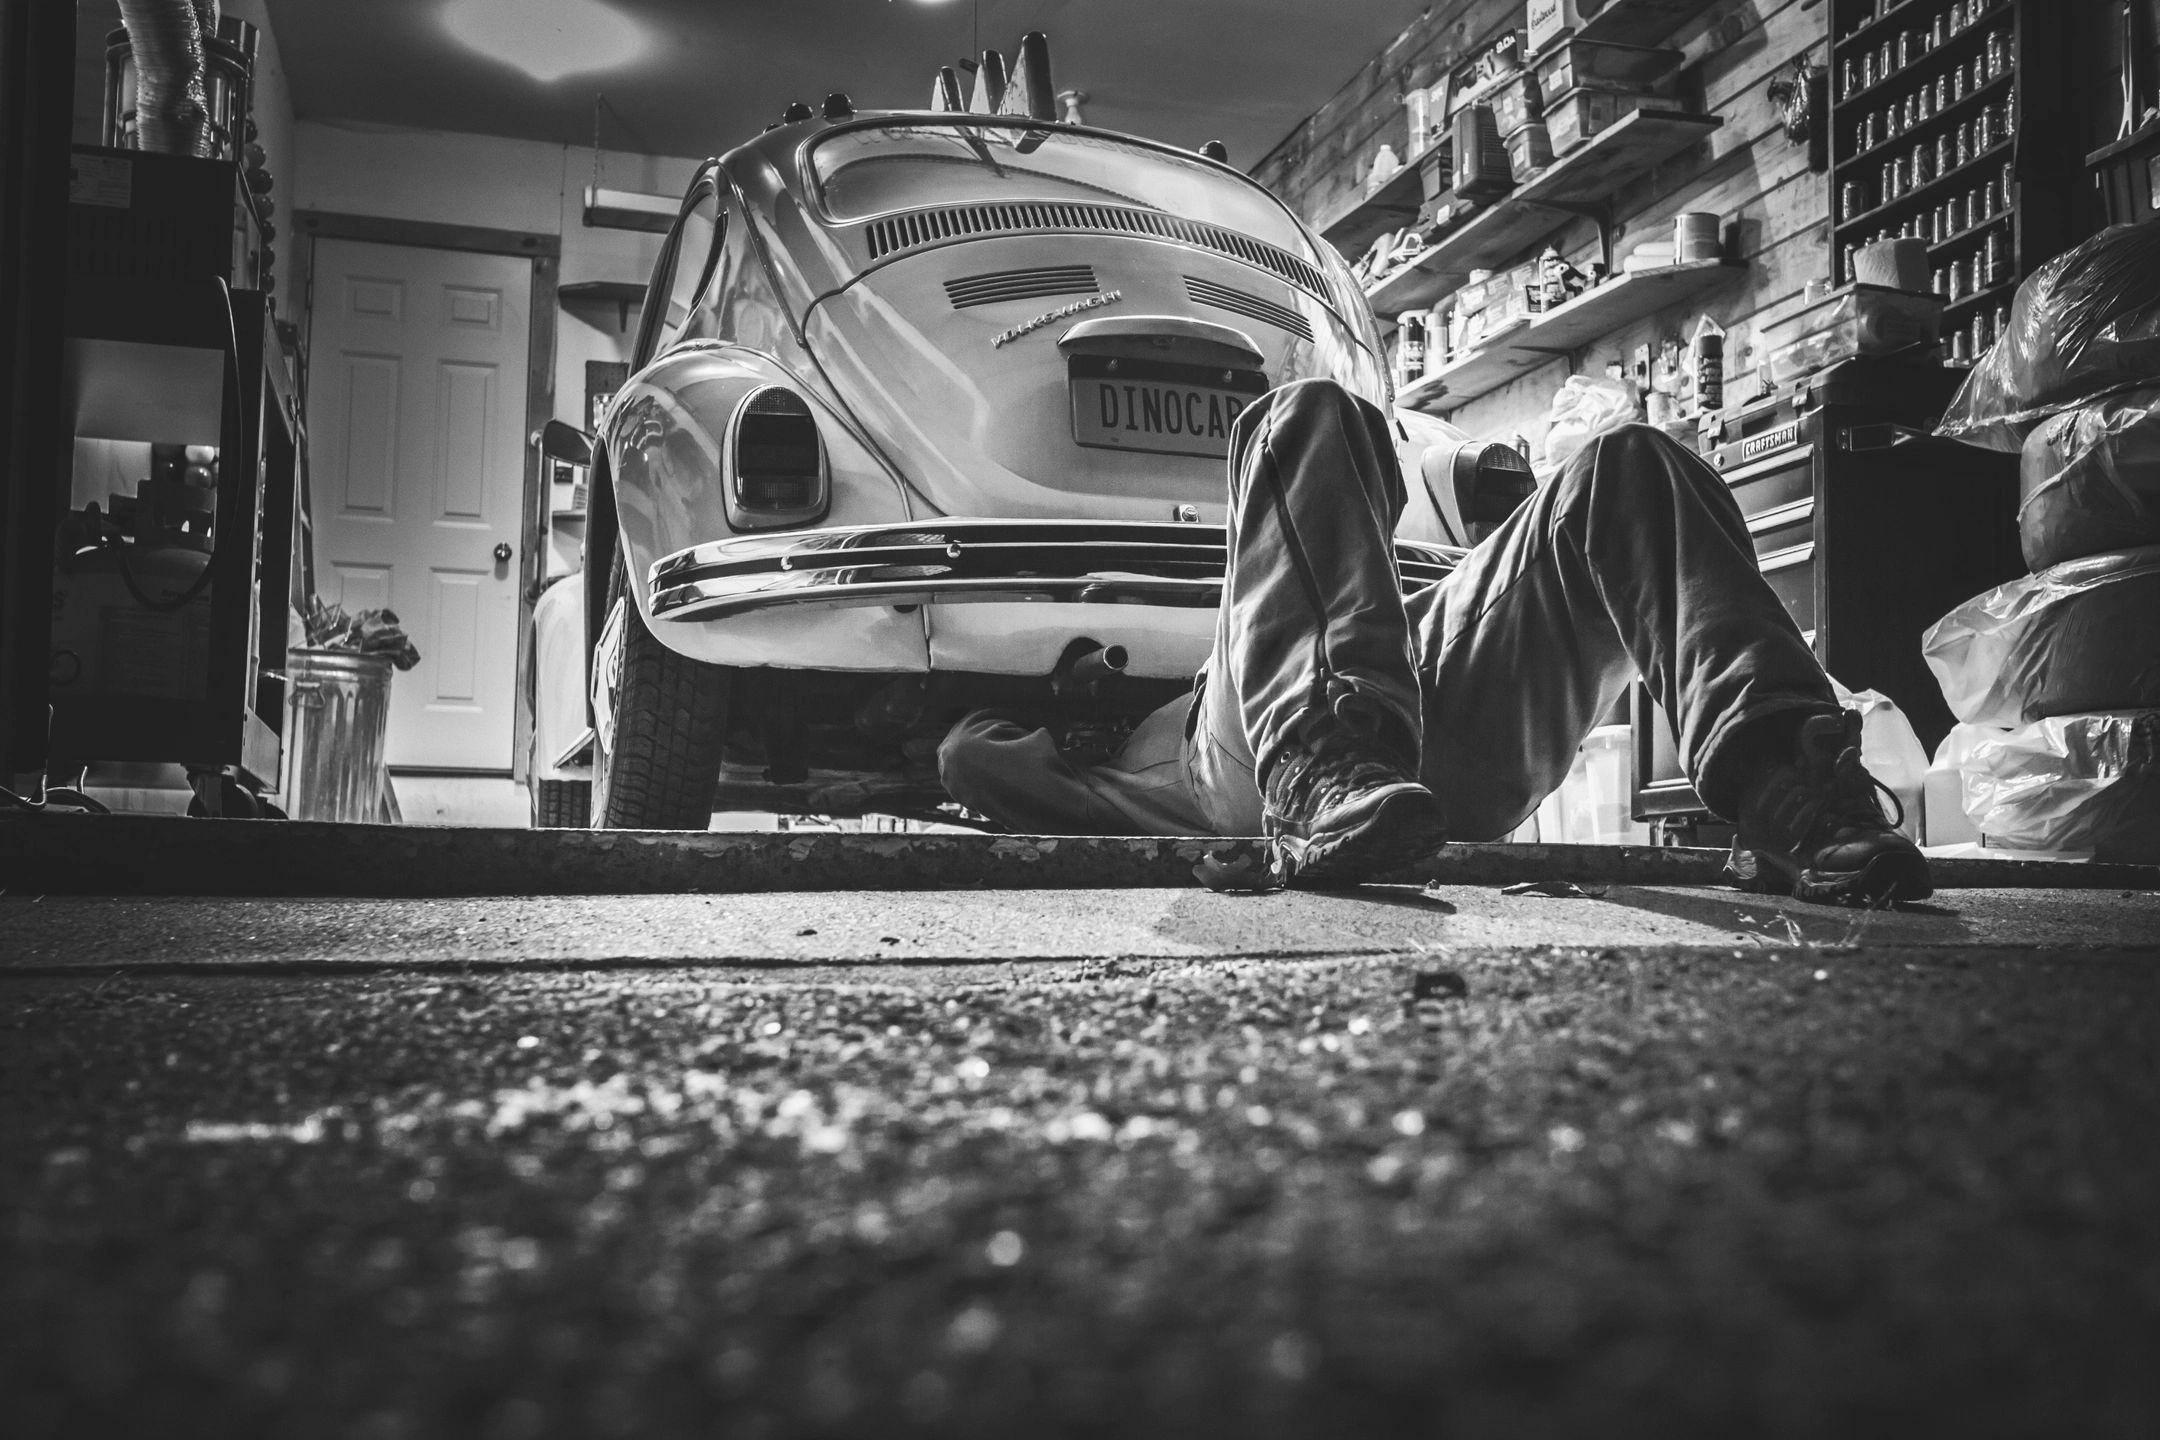 Car Servicing Deals Discounts Special Offers